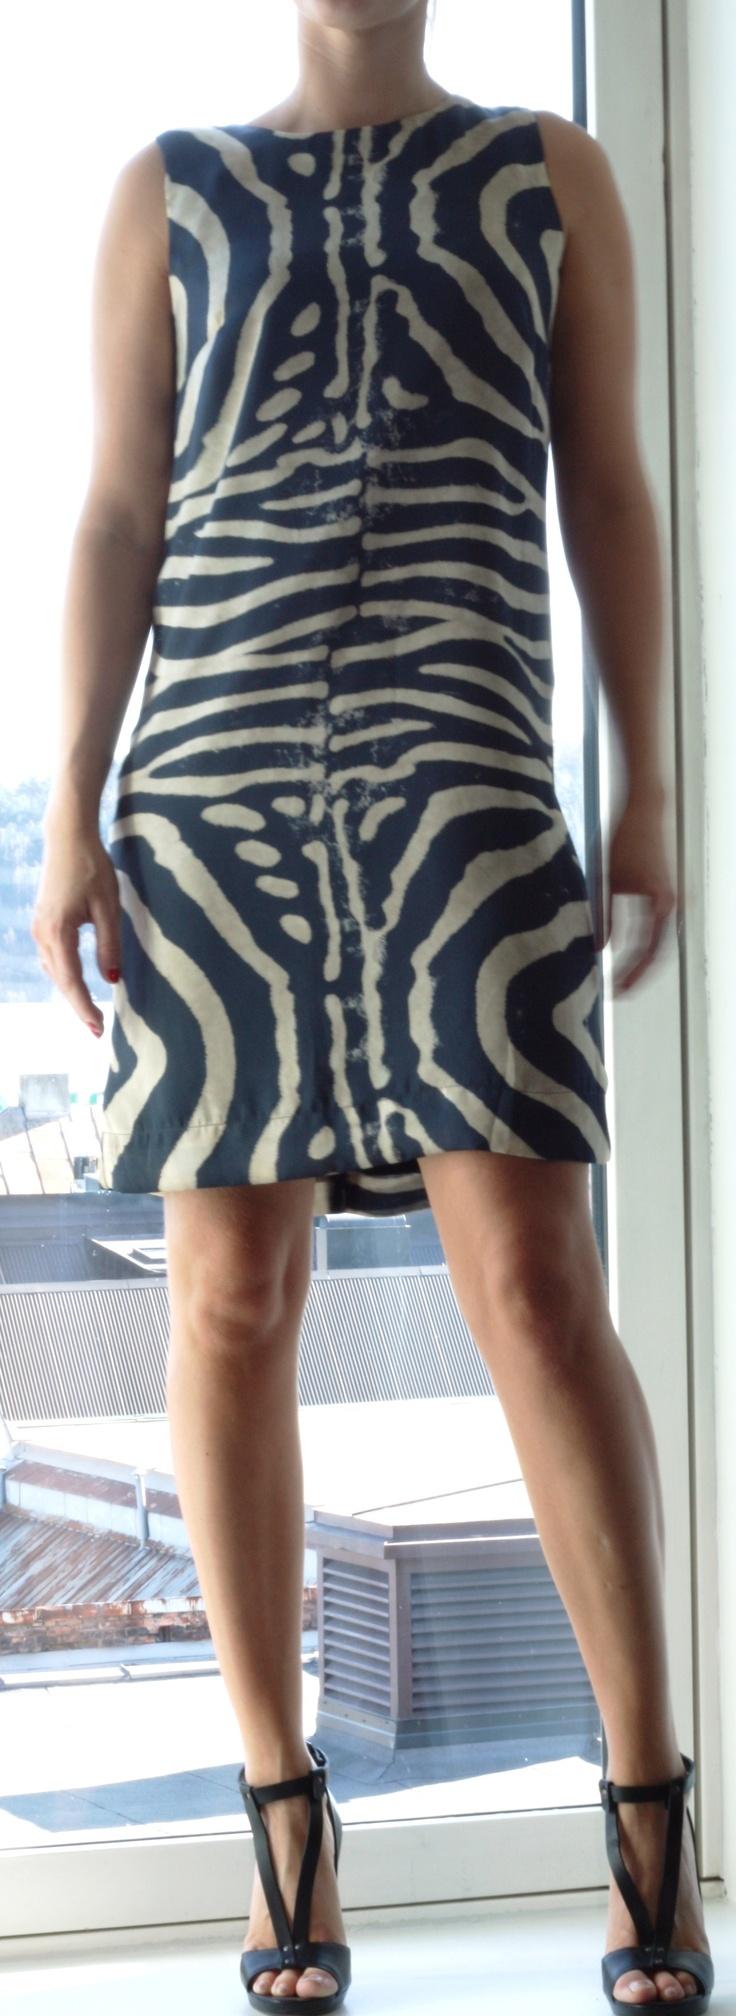 Warning! Cool dress!